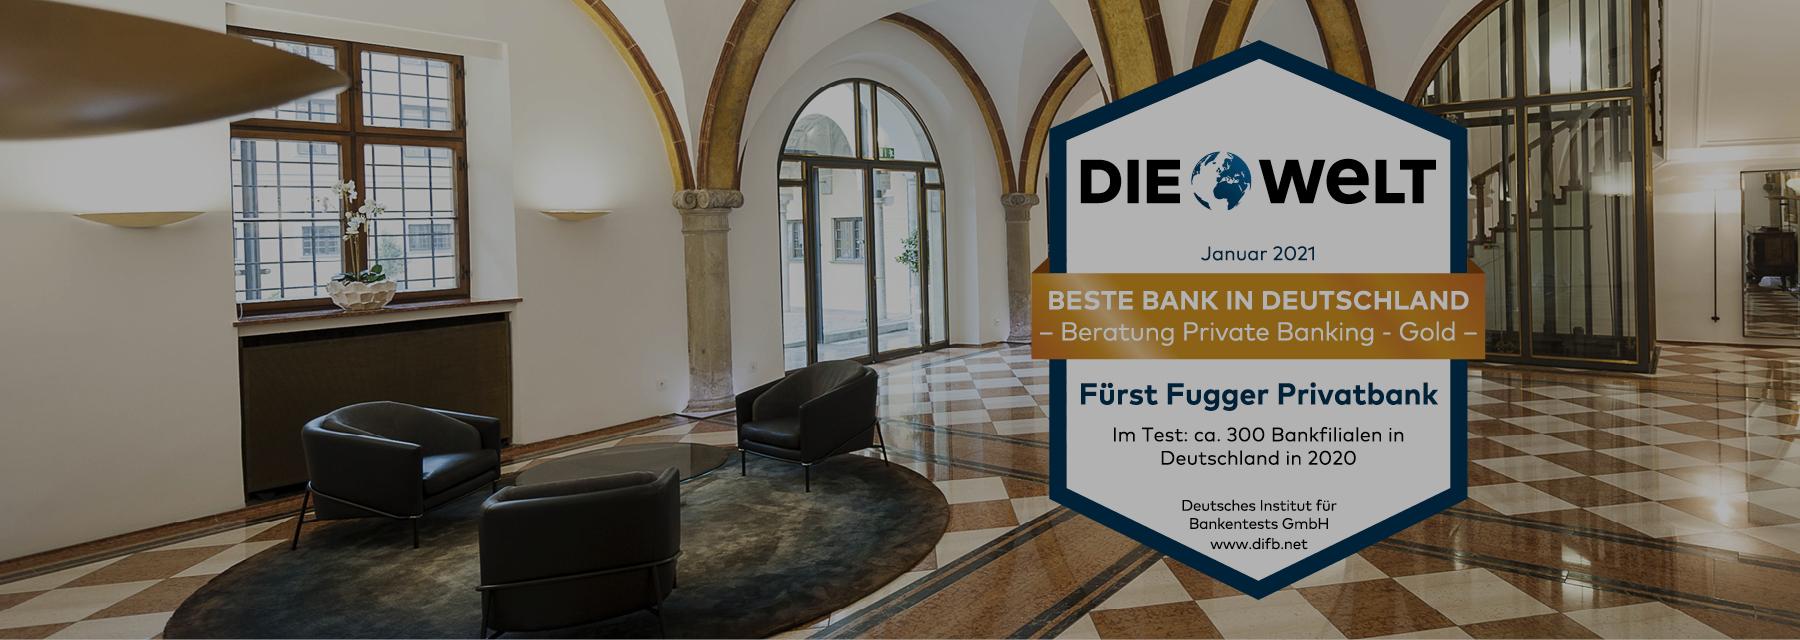 Beste Bank Deutschlands